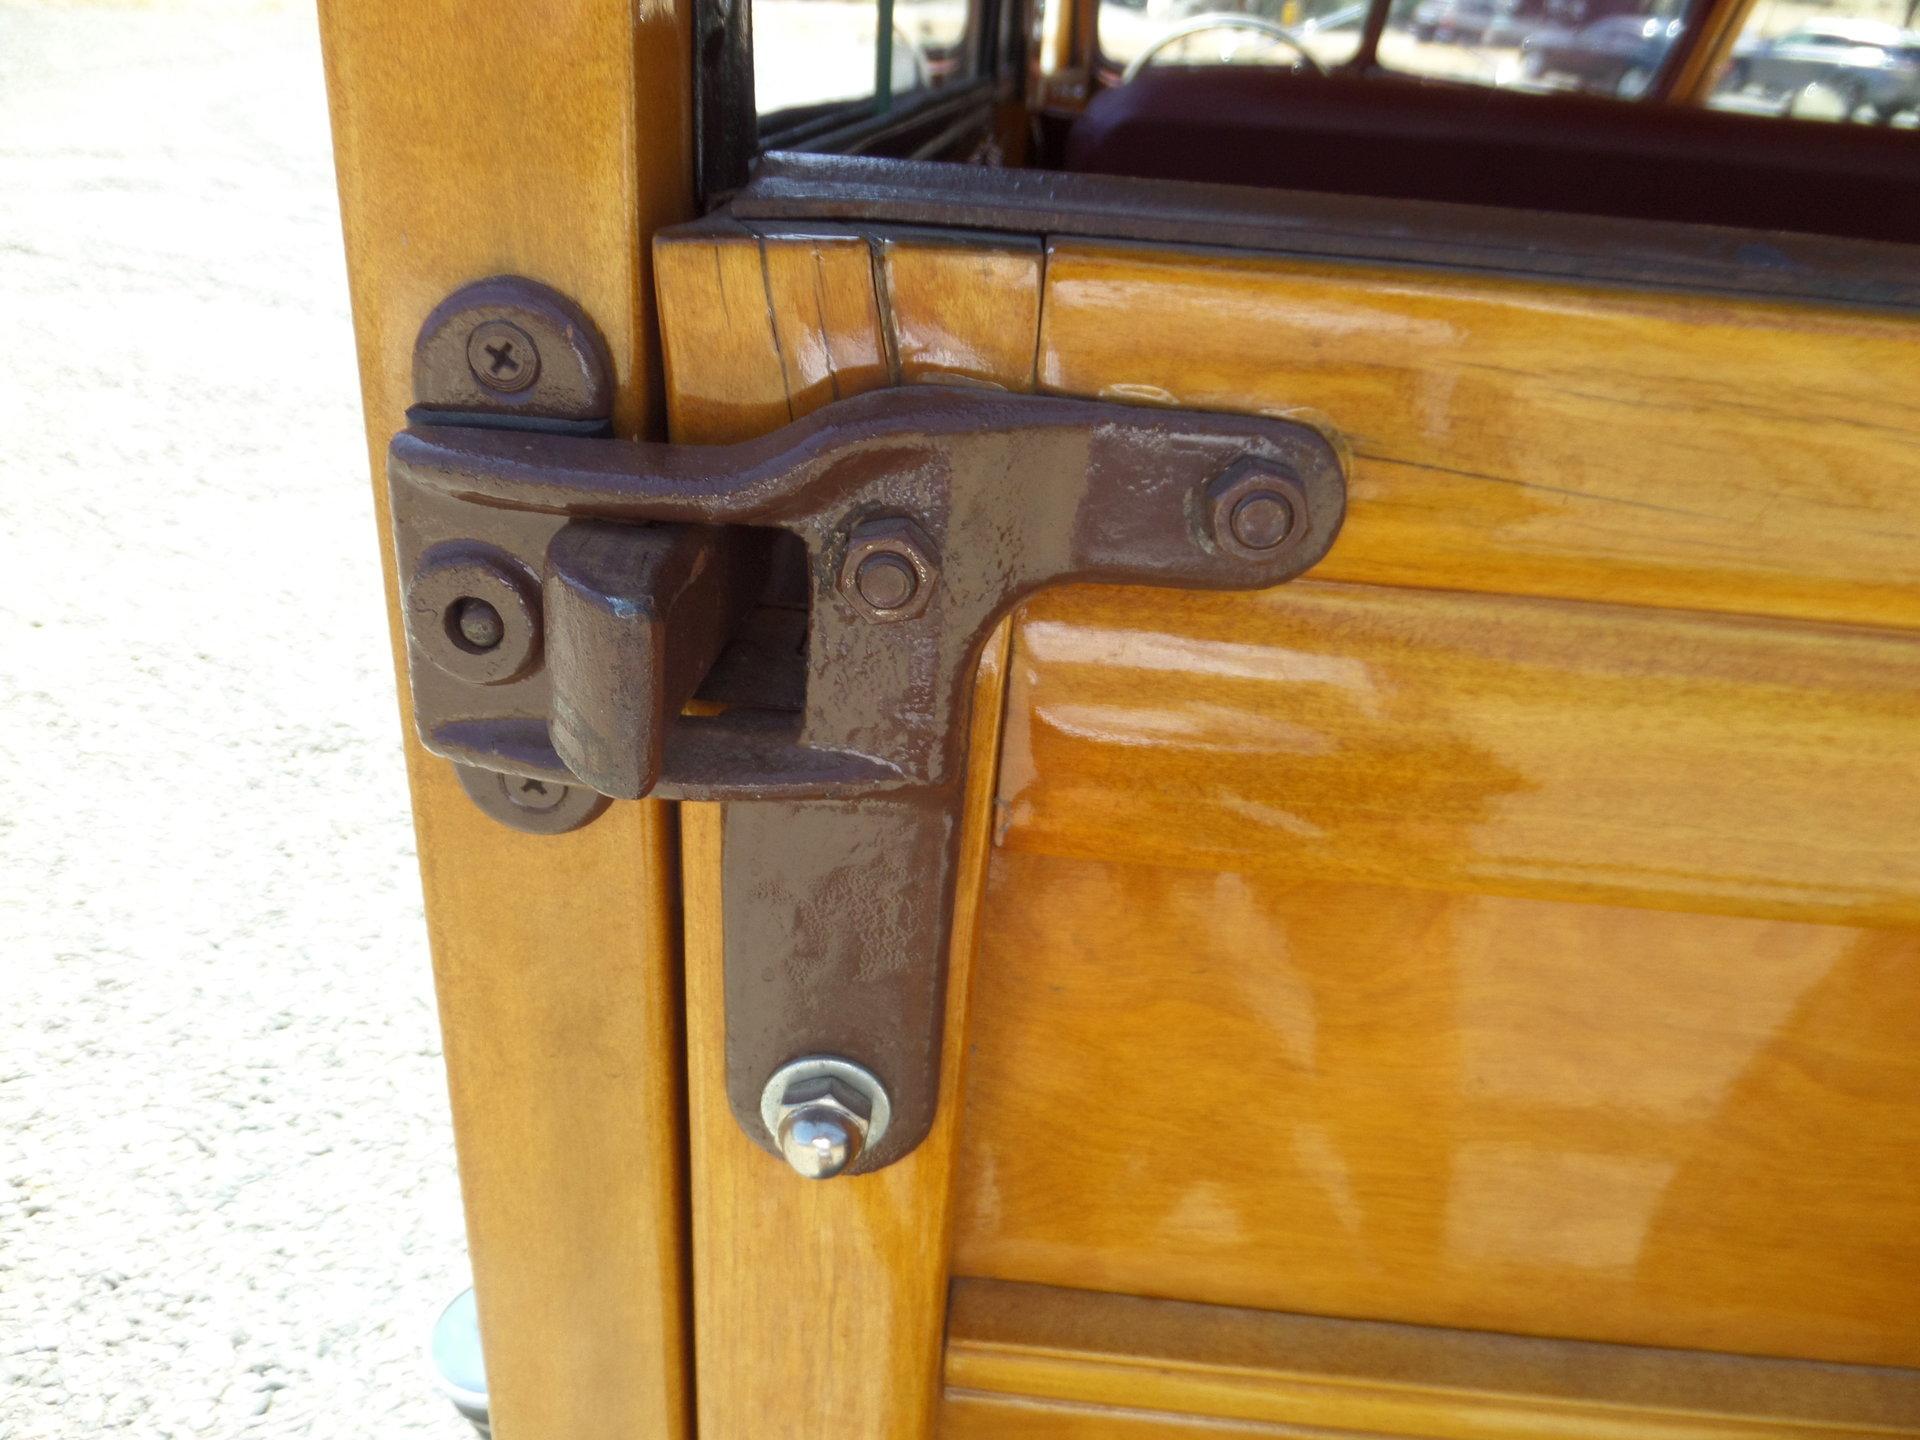 1937 Ford Woody Wagon Model 48 Berlin Motors Rear Wiring Harness For Sale